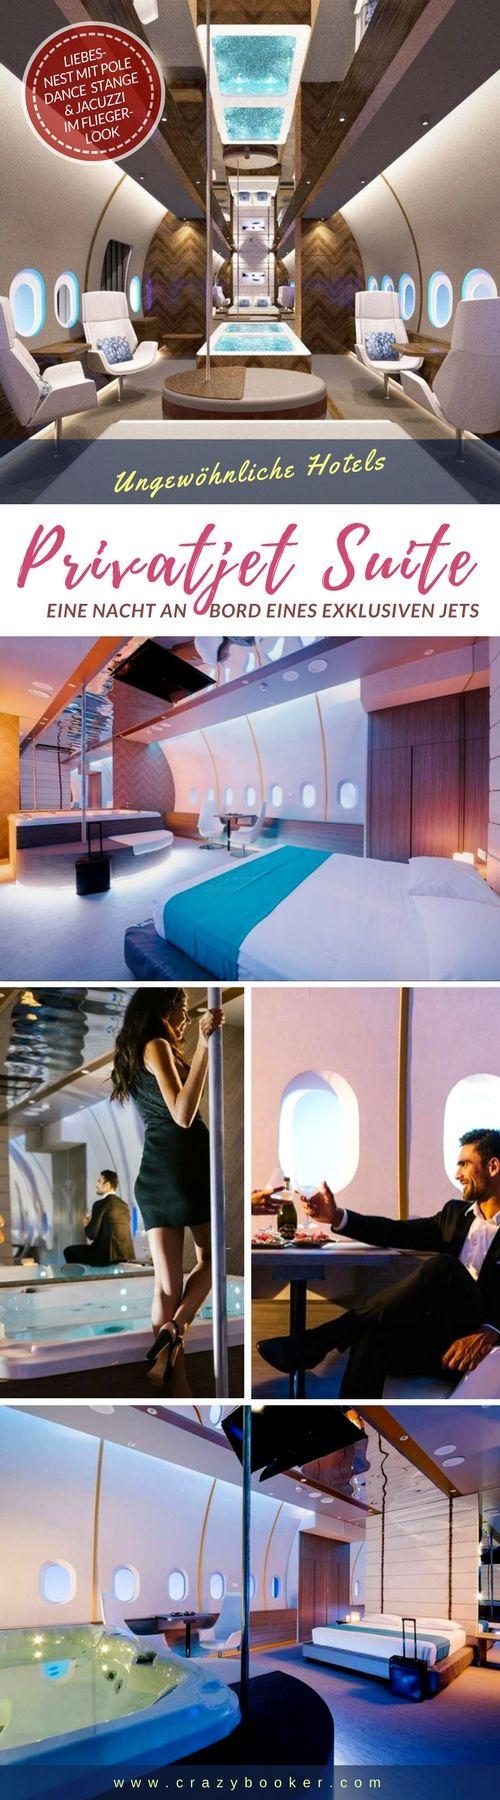 Privatjet Suite Themenzimmer   Dieses ungewöhnliche Hotelzimmer ist dem Passagier-Kabine eines luxuriösen Flugzeugs nachempfunden und kann mit Pool Dance Stange, drehbaren Clubsesseln und einem Jacuzzi für private 'Höhenflüge' gebucht werden. Das perfekte Liebesnest für alle, die gerne auf dem Teppich bleiben, aber schon immer mal eine exklusive Nacht an Bord eines Privatjets verbringen wollten   Website besuchen oder Pinnwand folgen und weitere Hotelzimmer zum Abheben entdecken! #jet #hotel